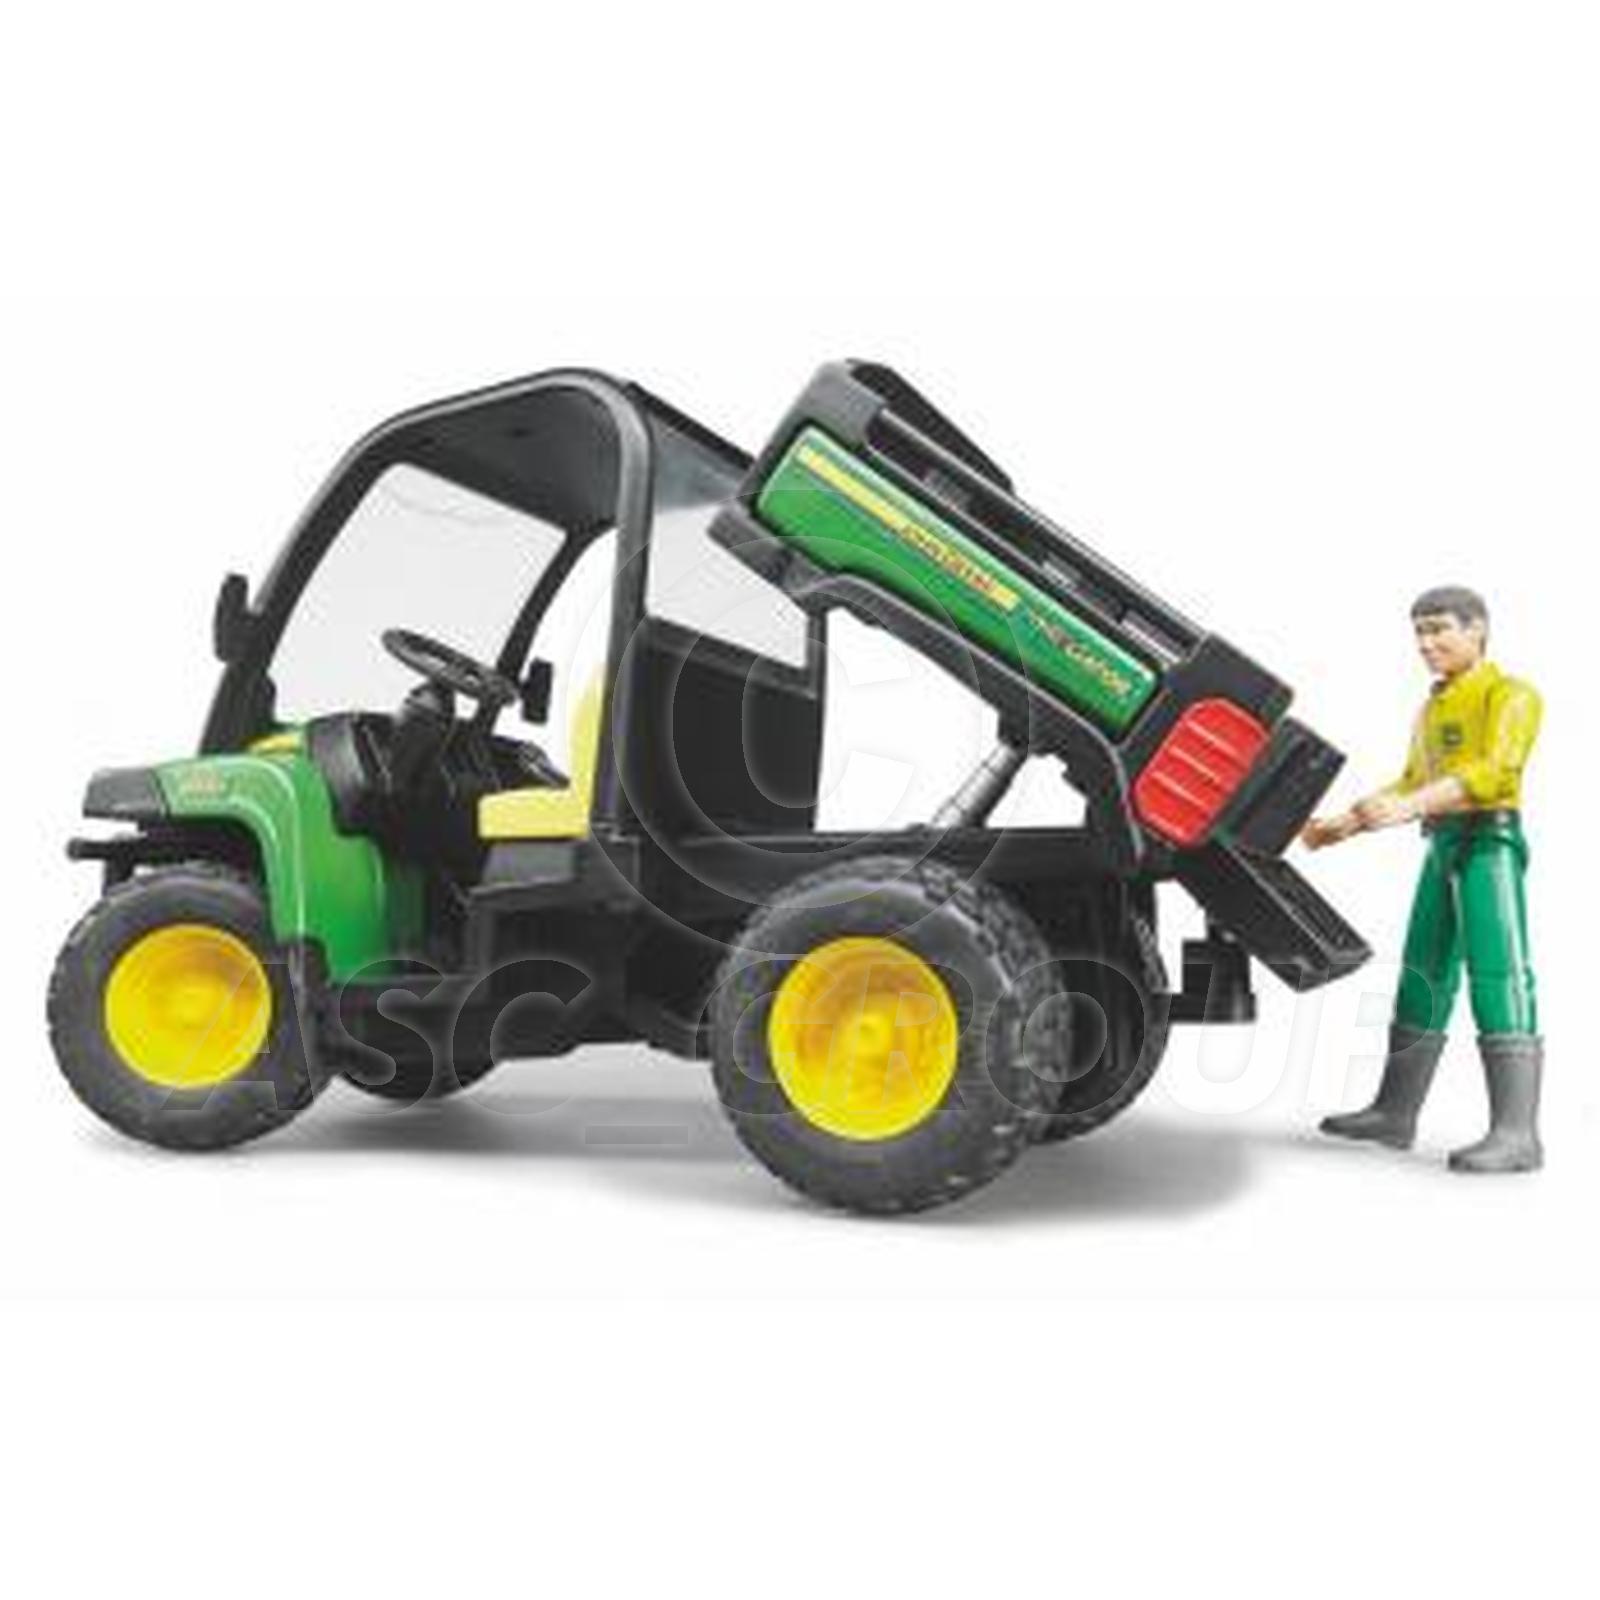 Bruder Toys 02490 Pro Series John Deere GATOR ATV XUV 855D + Driver 1 ...